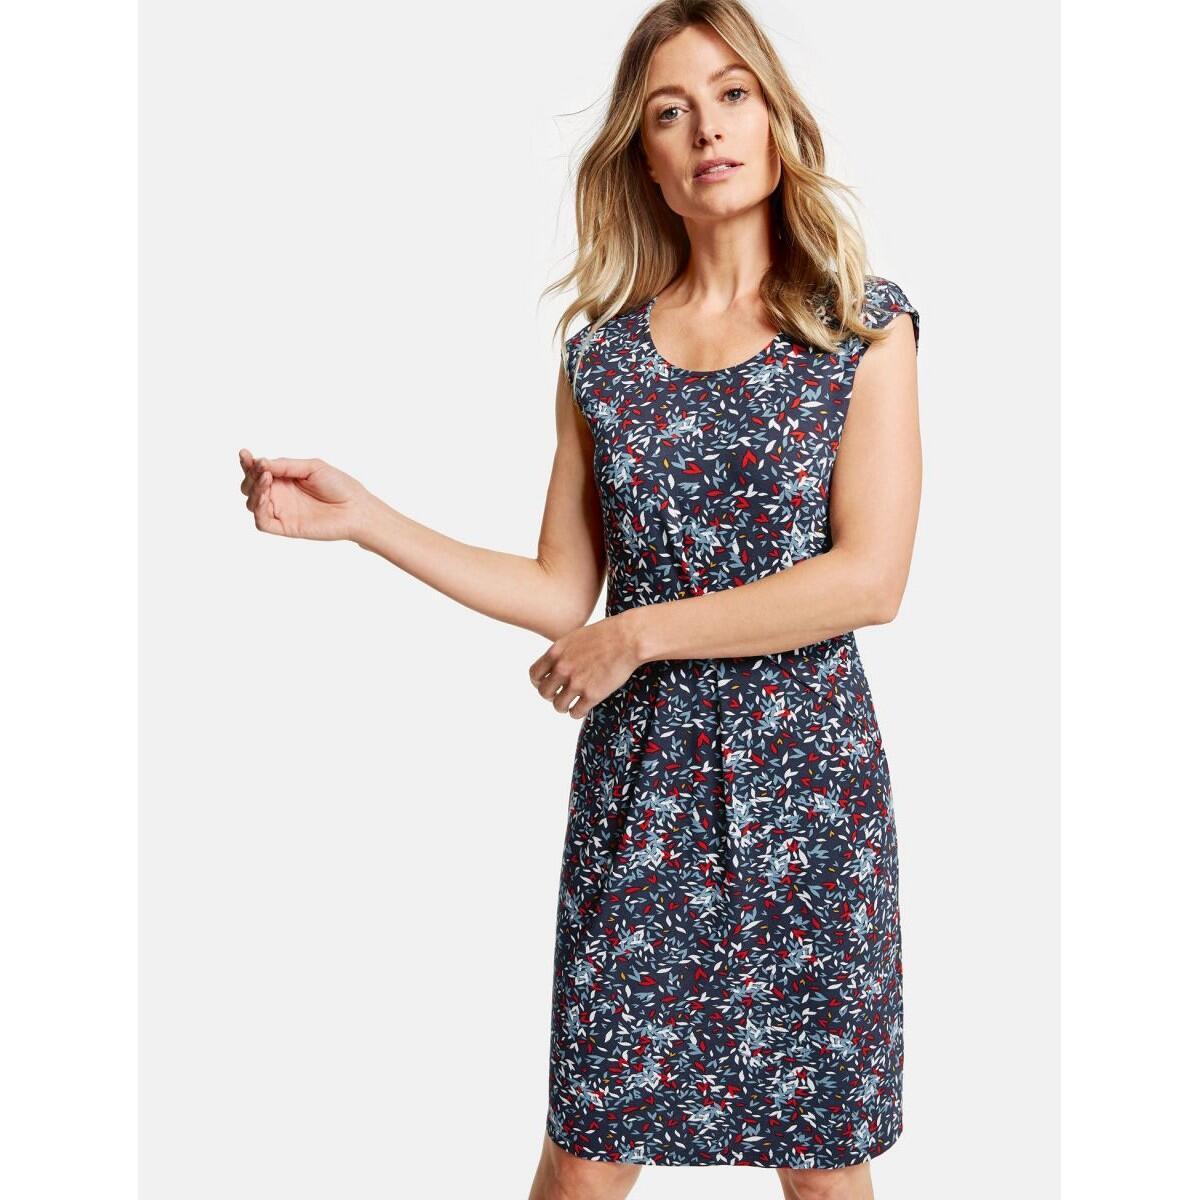 gerry weber collection leichtes kleid mit minimaldessin -36